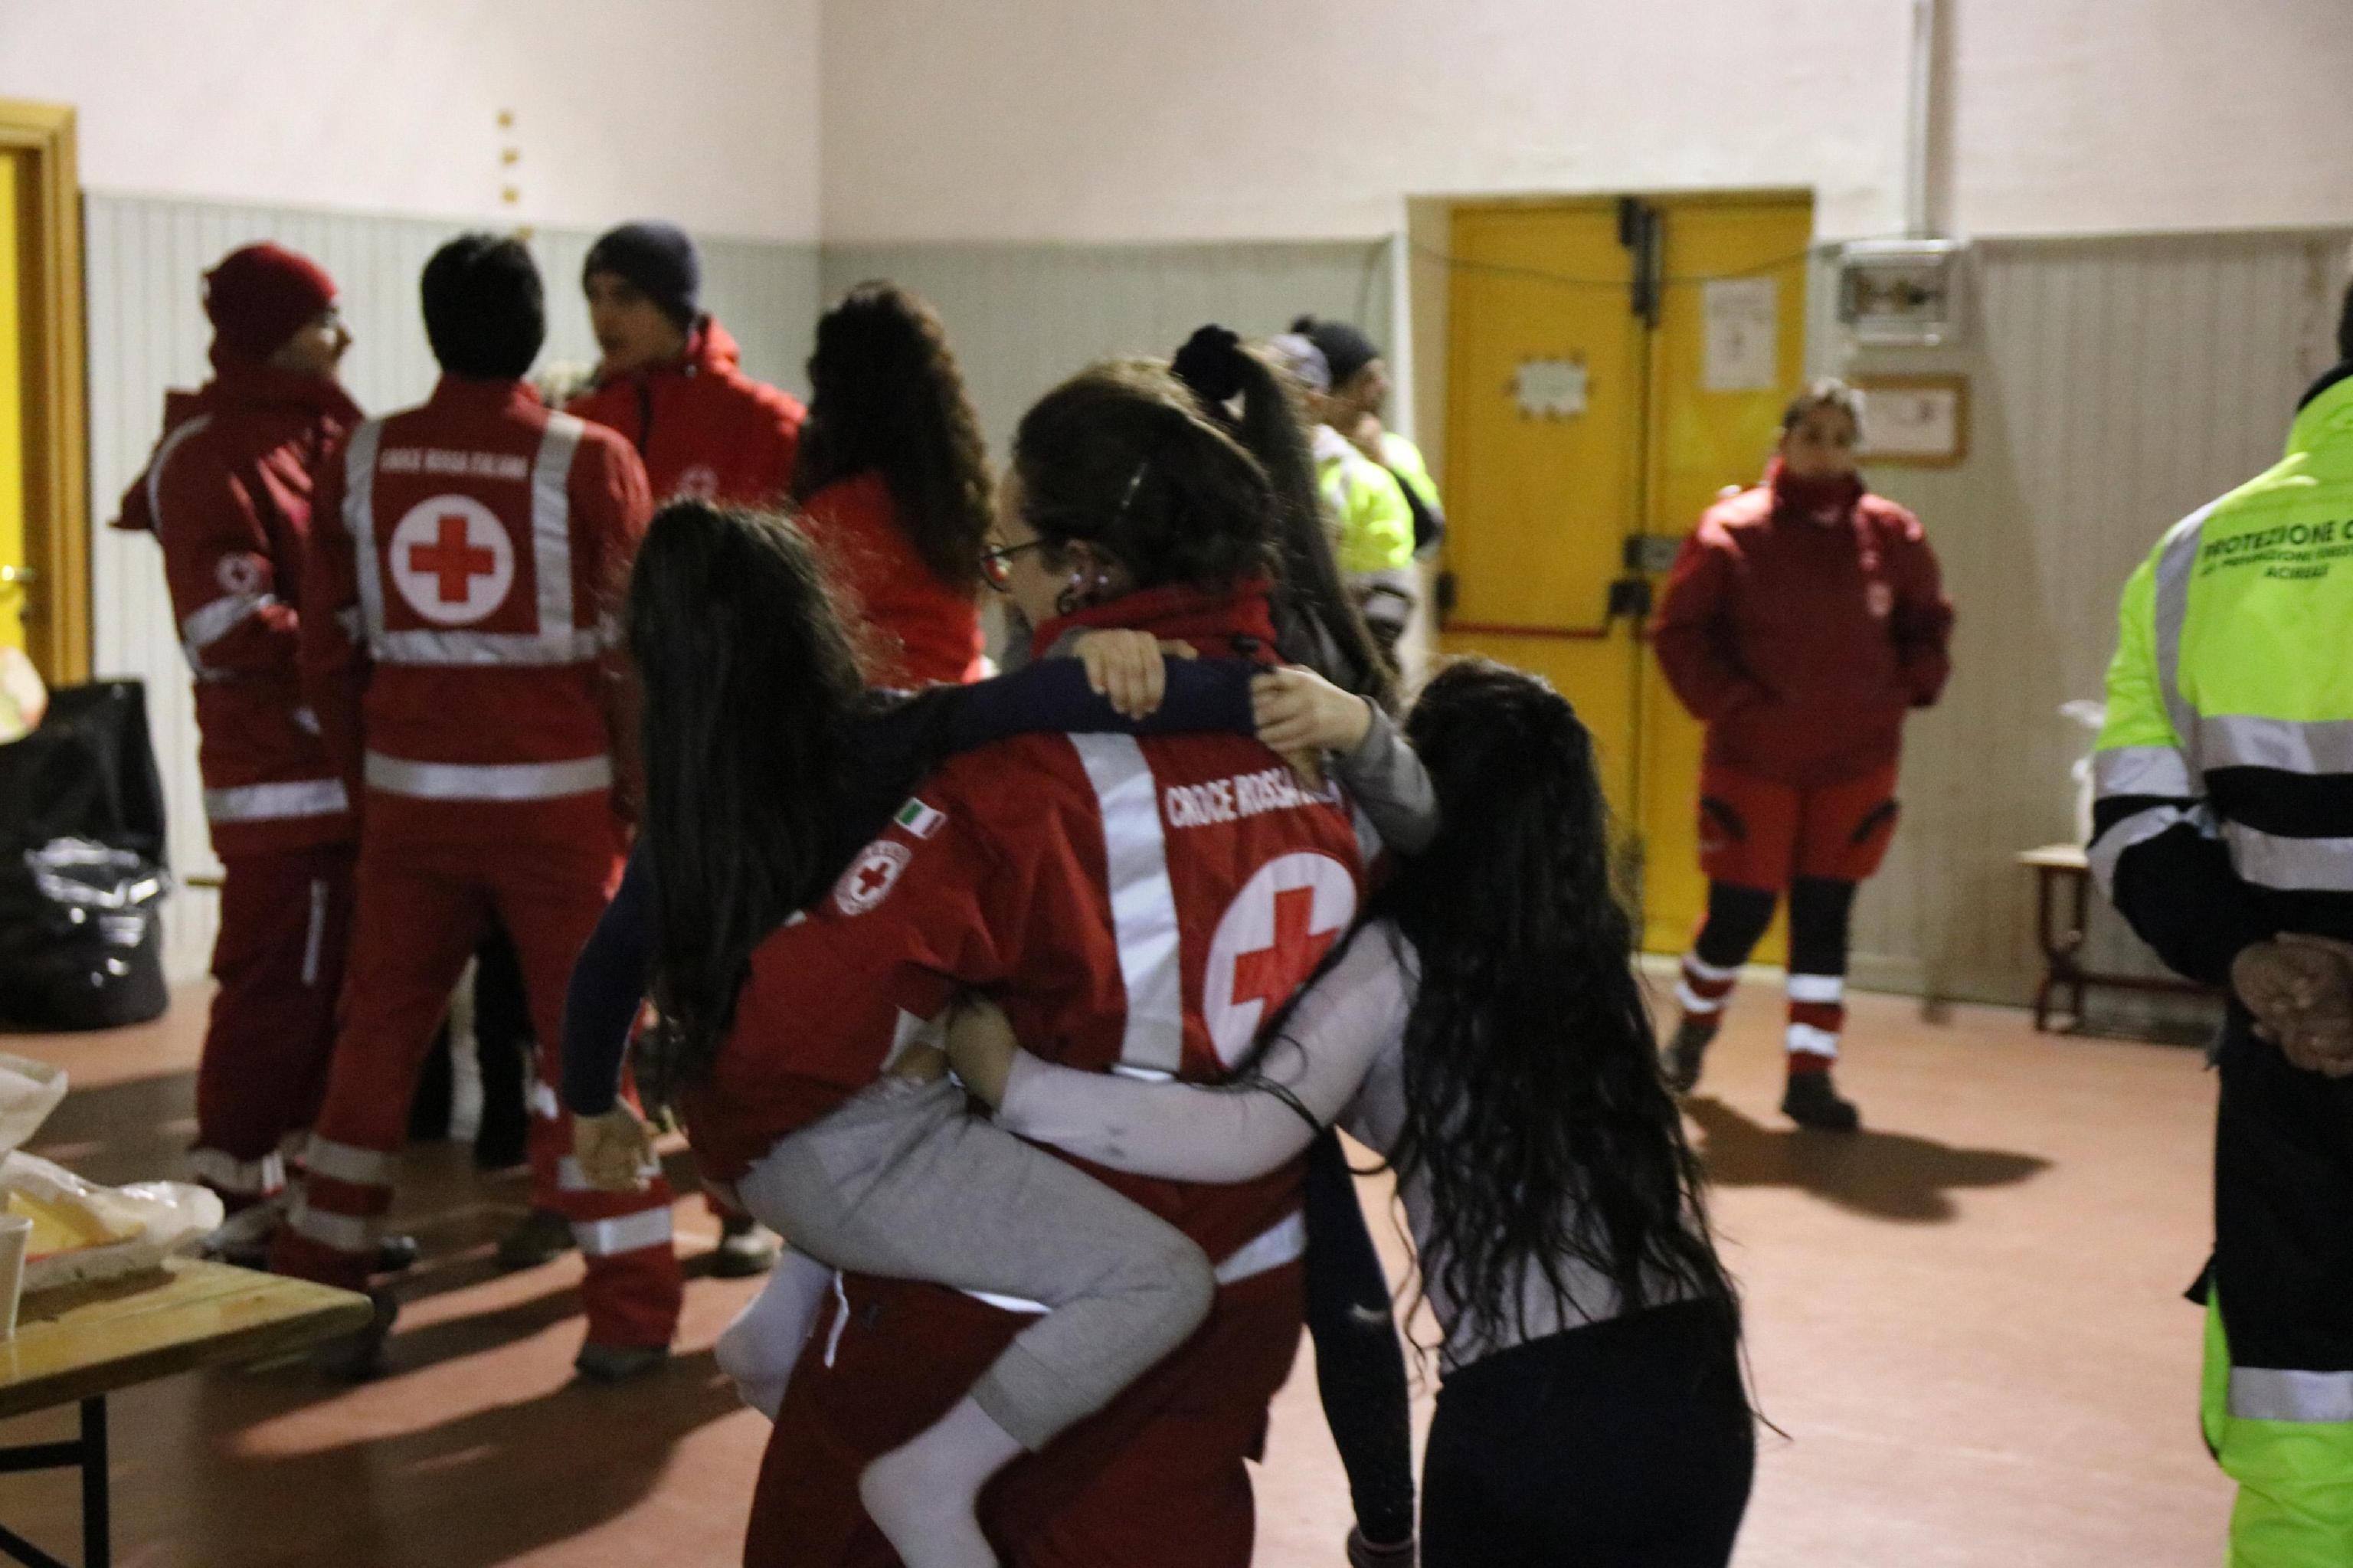 ci-sono-anche-bambini-tra-gli-sfollati-accolti-ad-acireale-dopo-il-terremoto-provocato-dalletna-foto-ansa